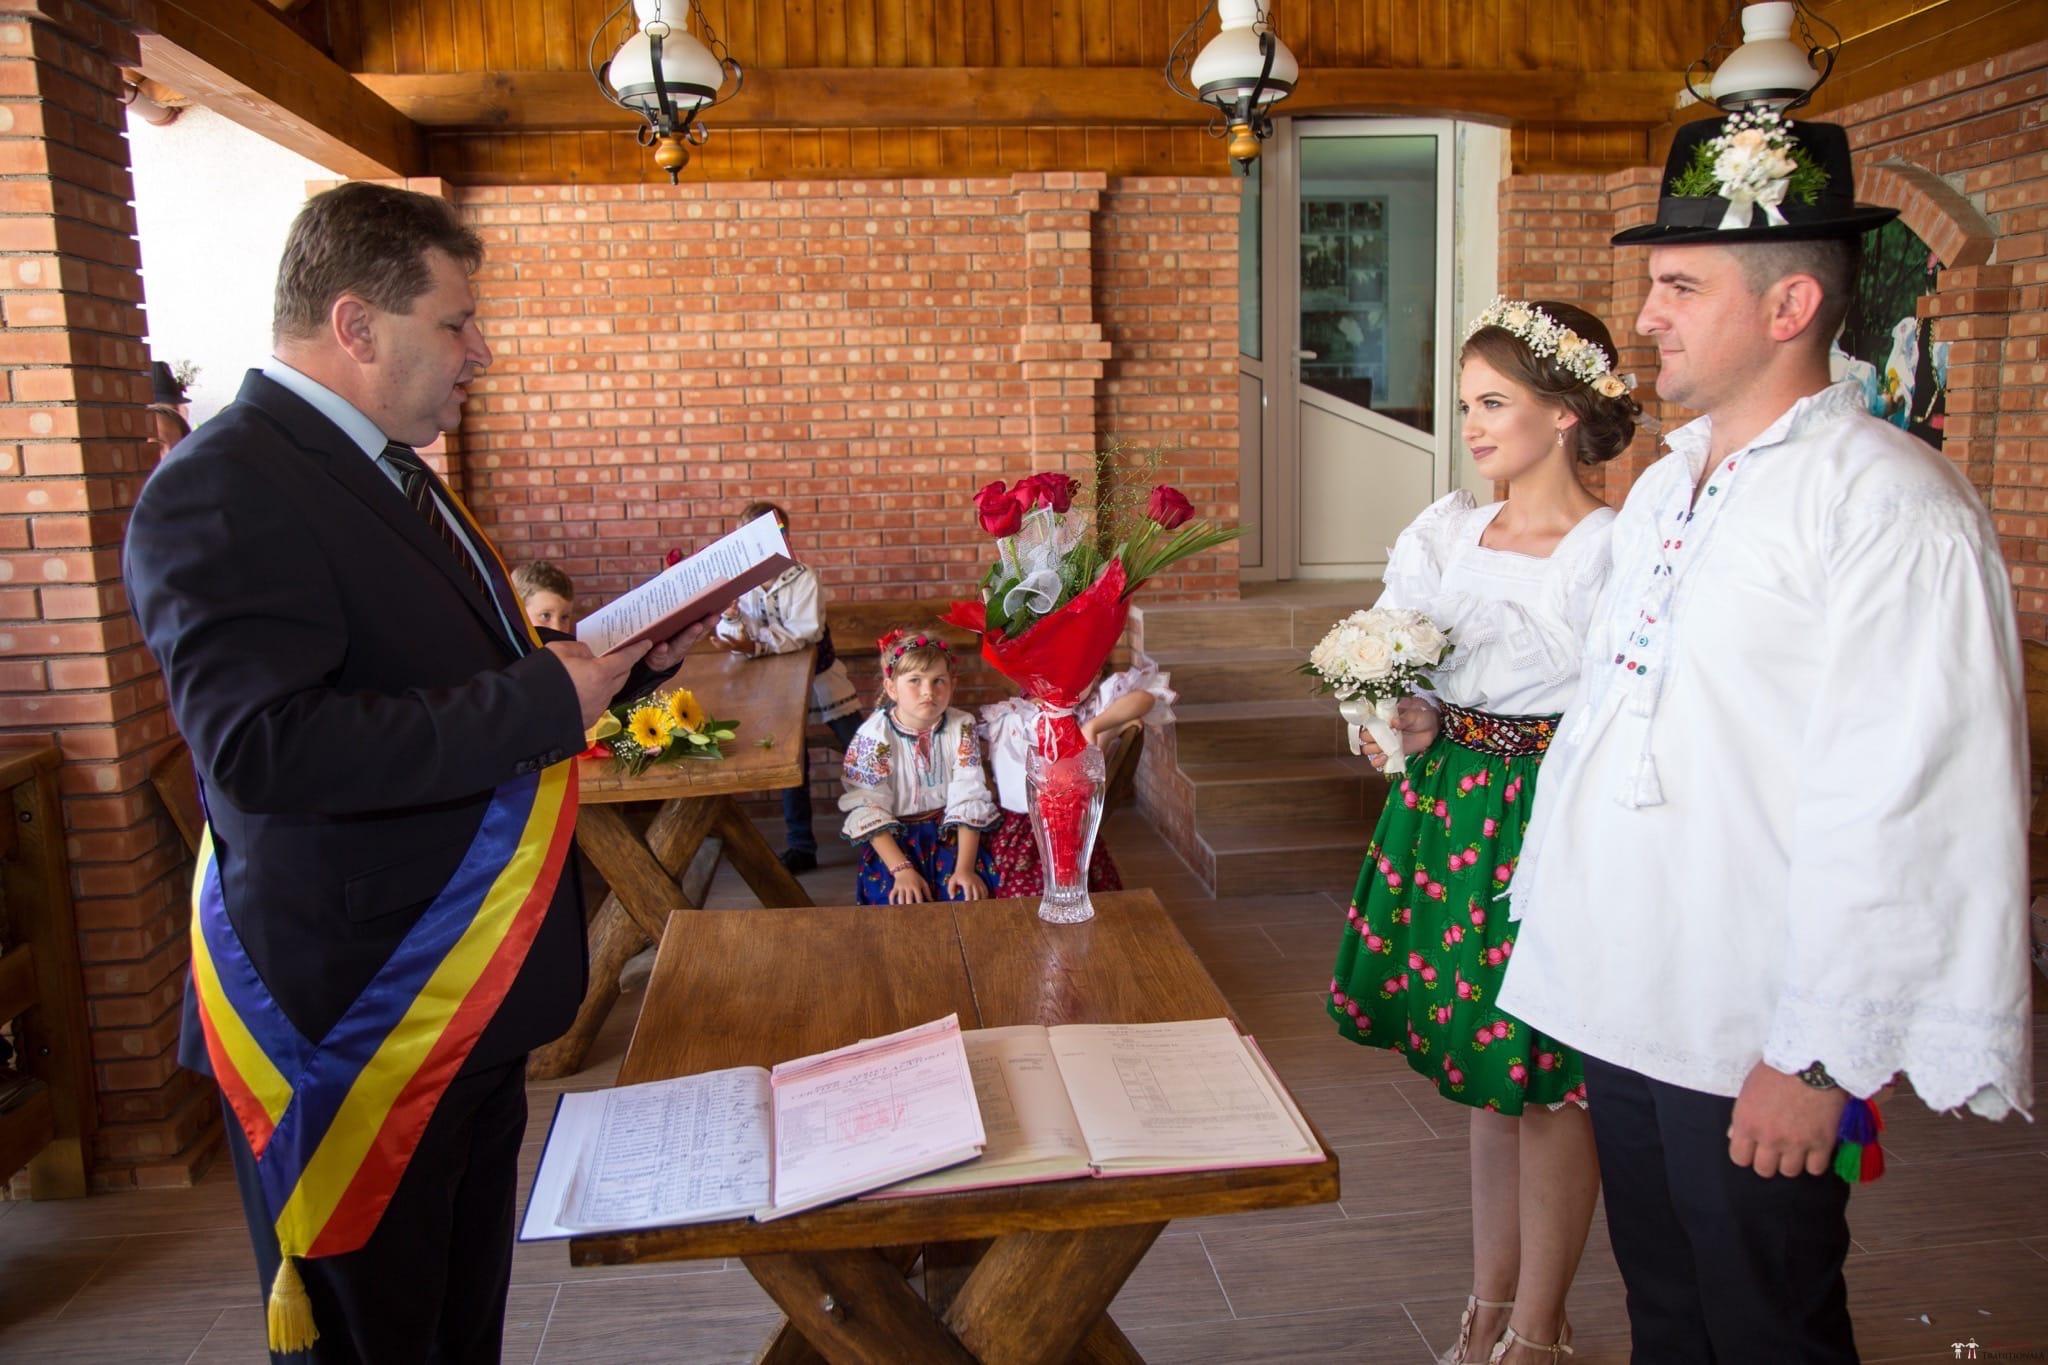 Povești Nunți Tradiționale - Ancuța și Nicu, cununie tradițională în Giulești, Maramureș 19